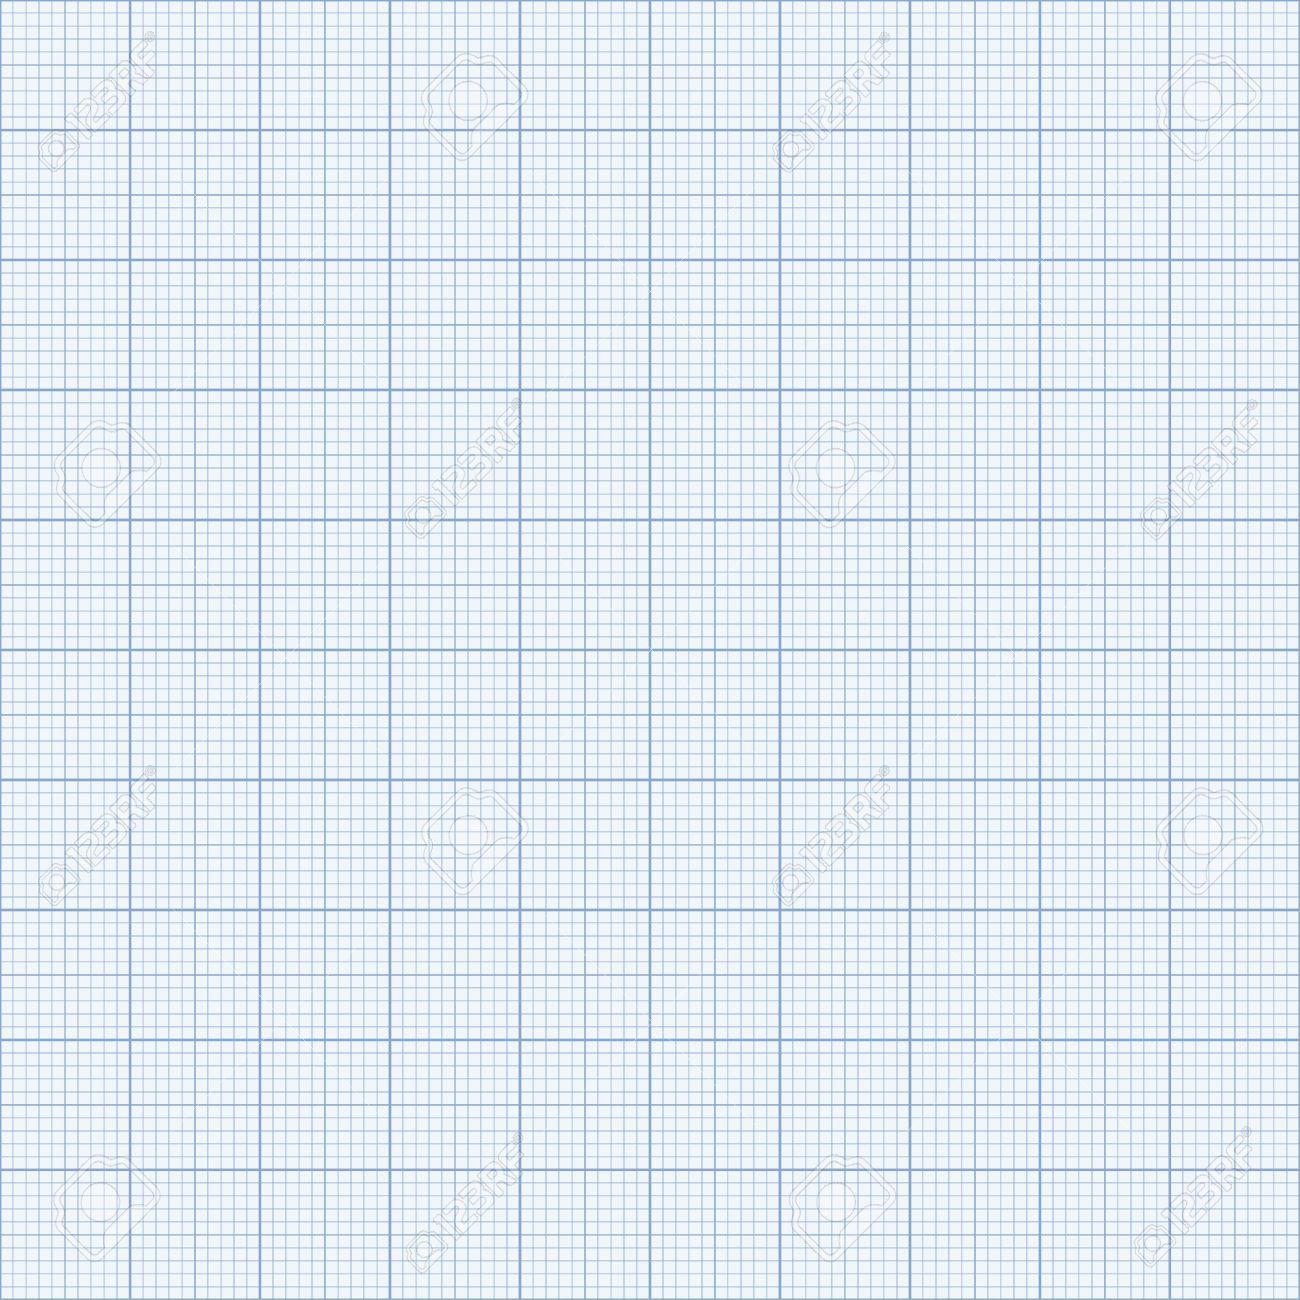 シームレスな方眼紙。青のグラフ...